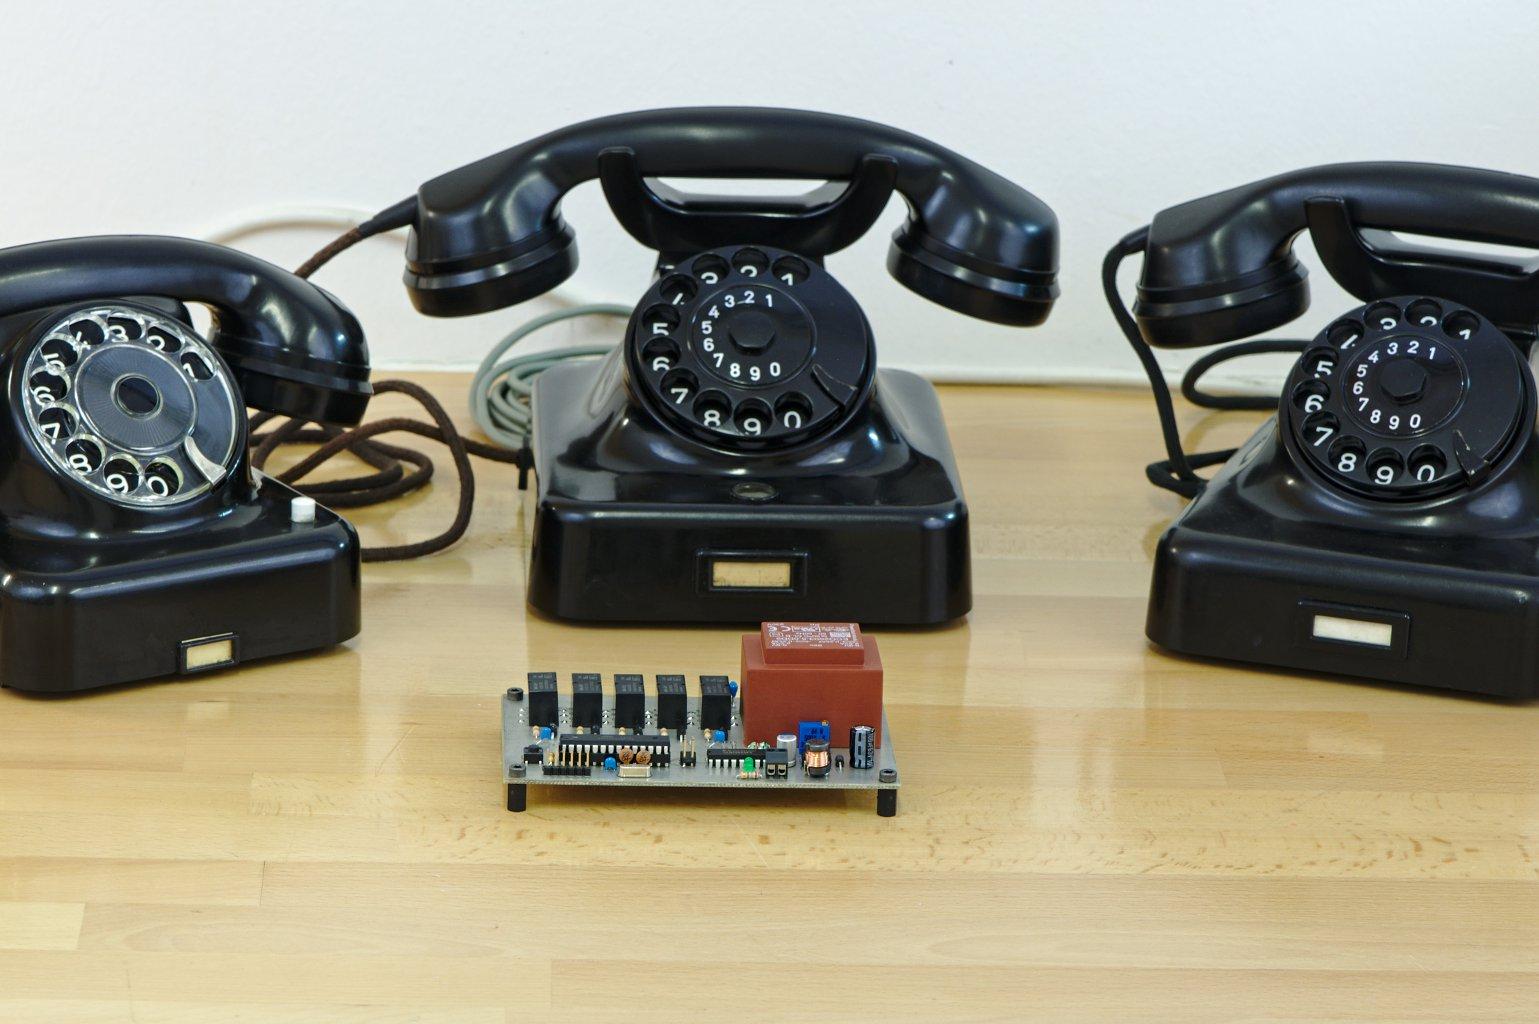 Fein Alte Telefonschaltpläne Galerie - Der Schaltplan - traveltopus.info